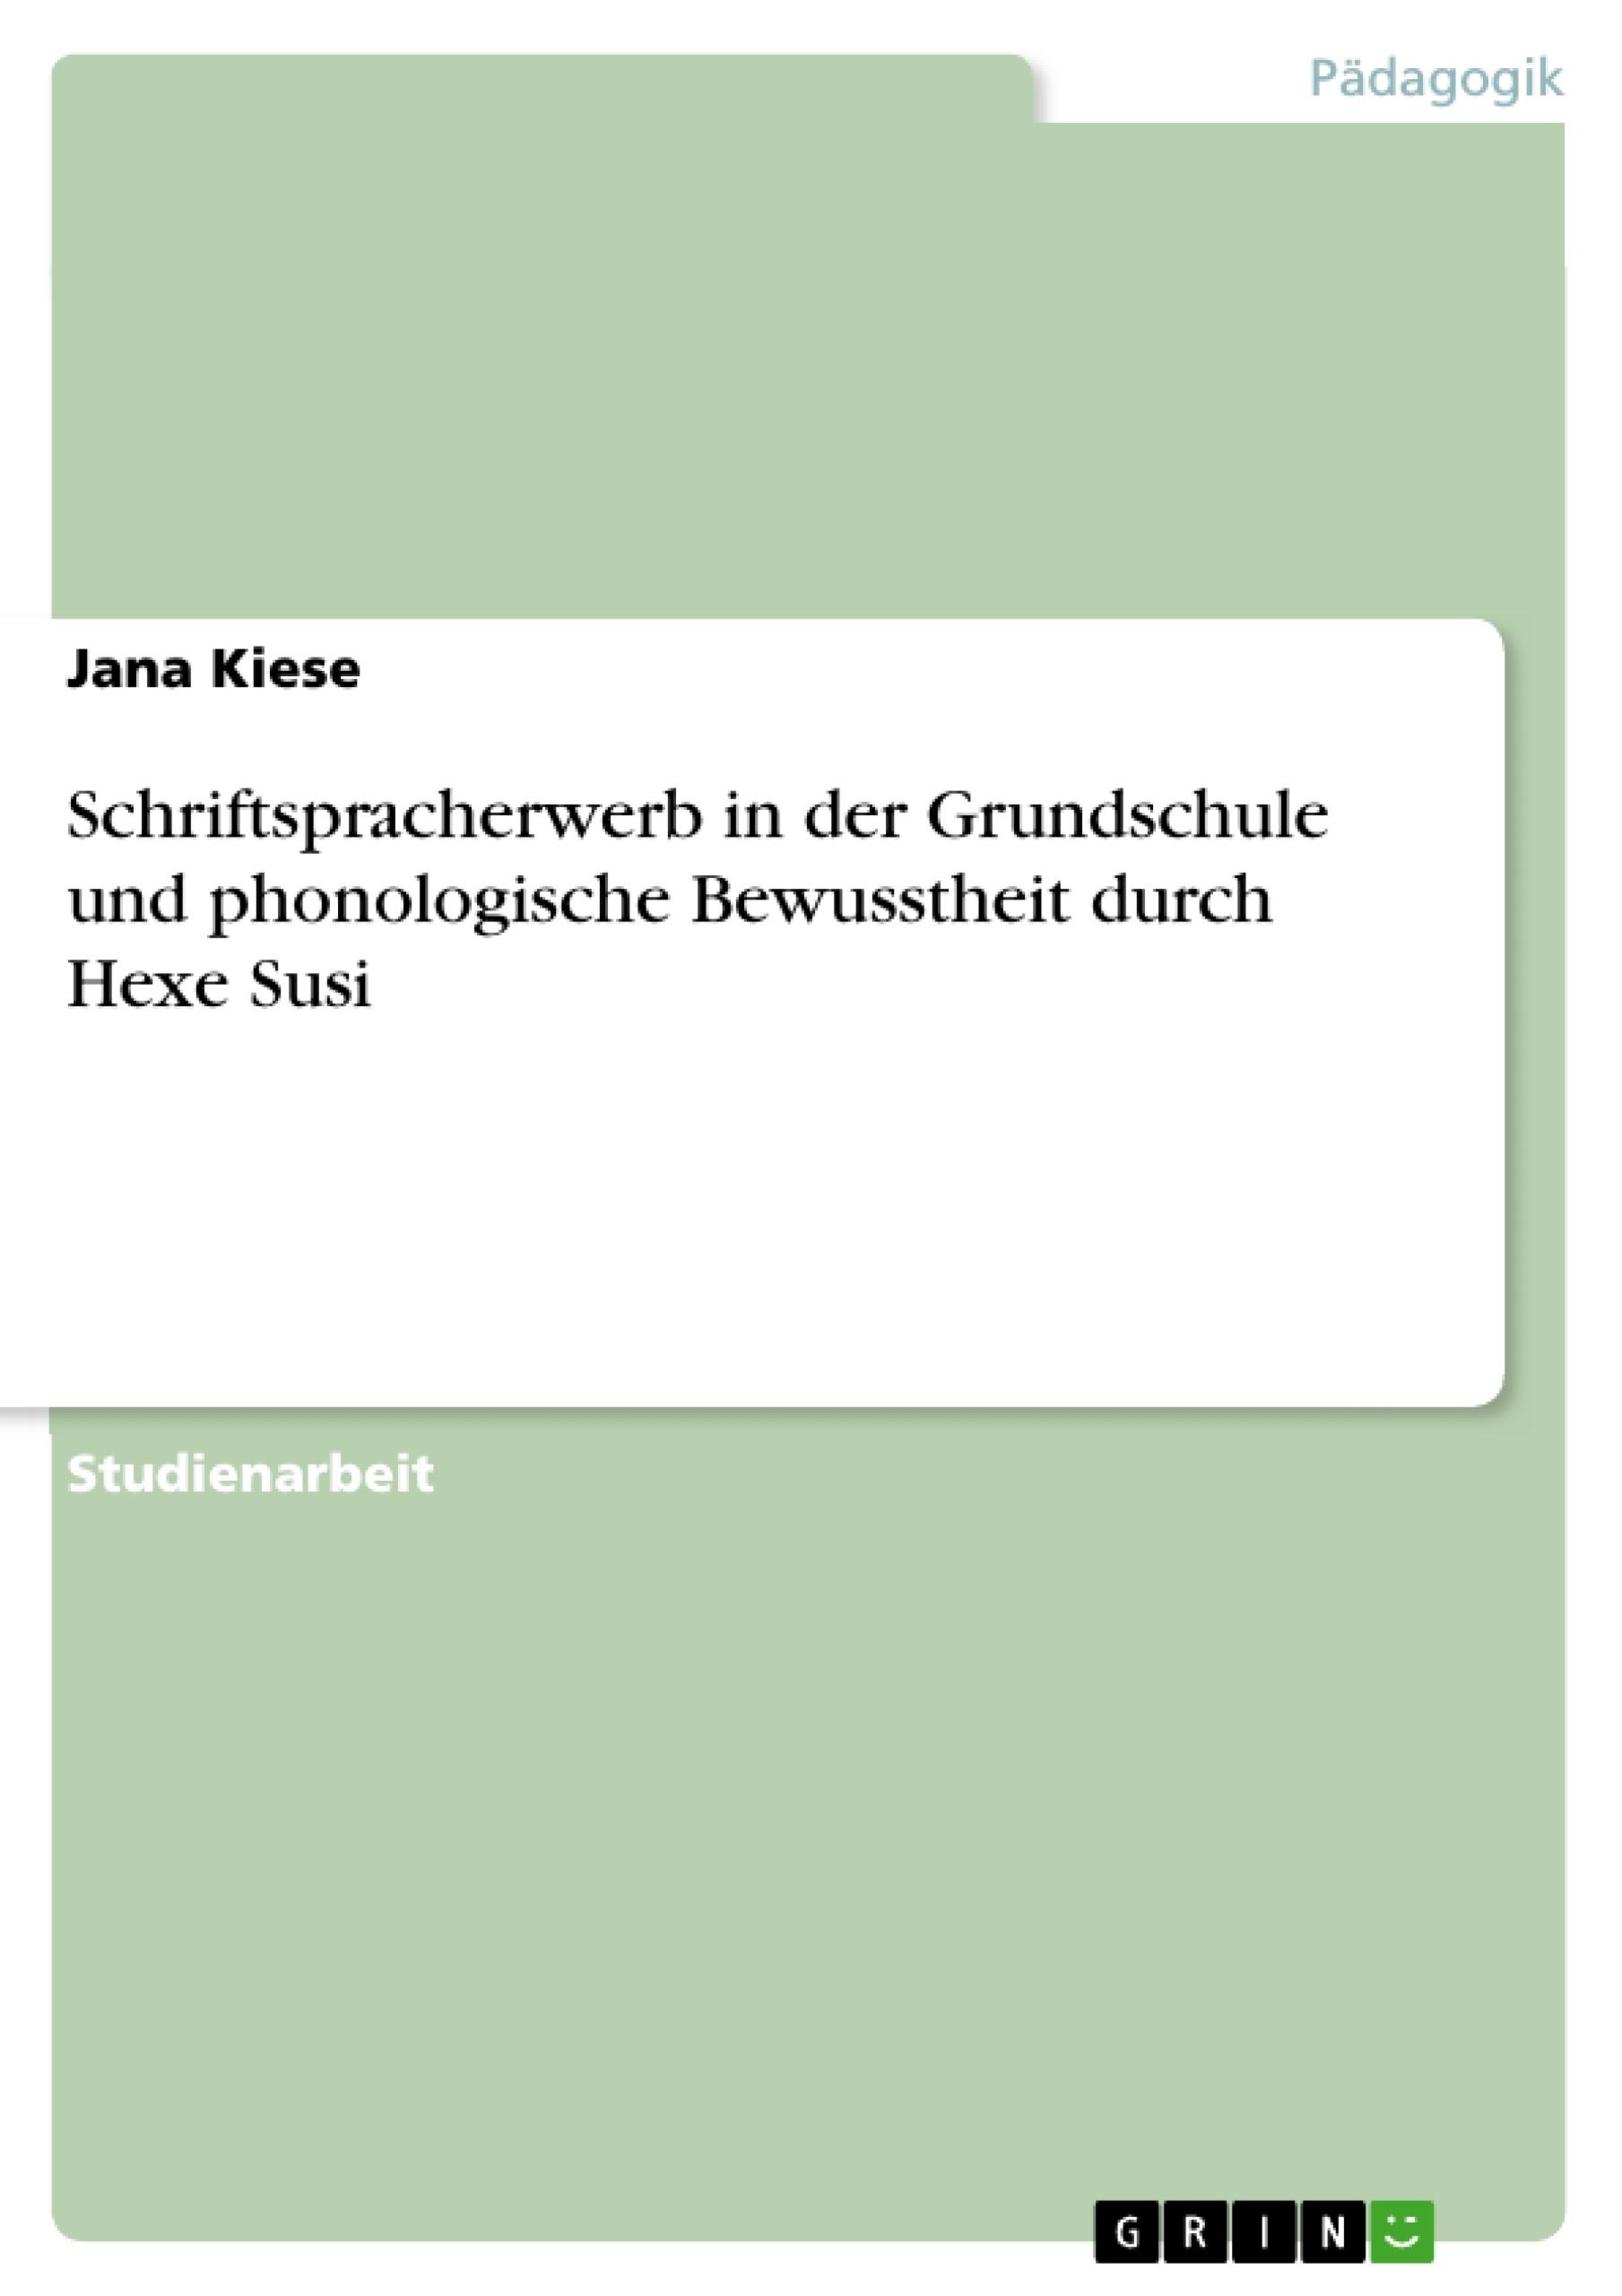 Titel: Schriftspracherwerb in der Grundschule und phonologische Bewusstheit durch Hexe Susi